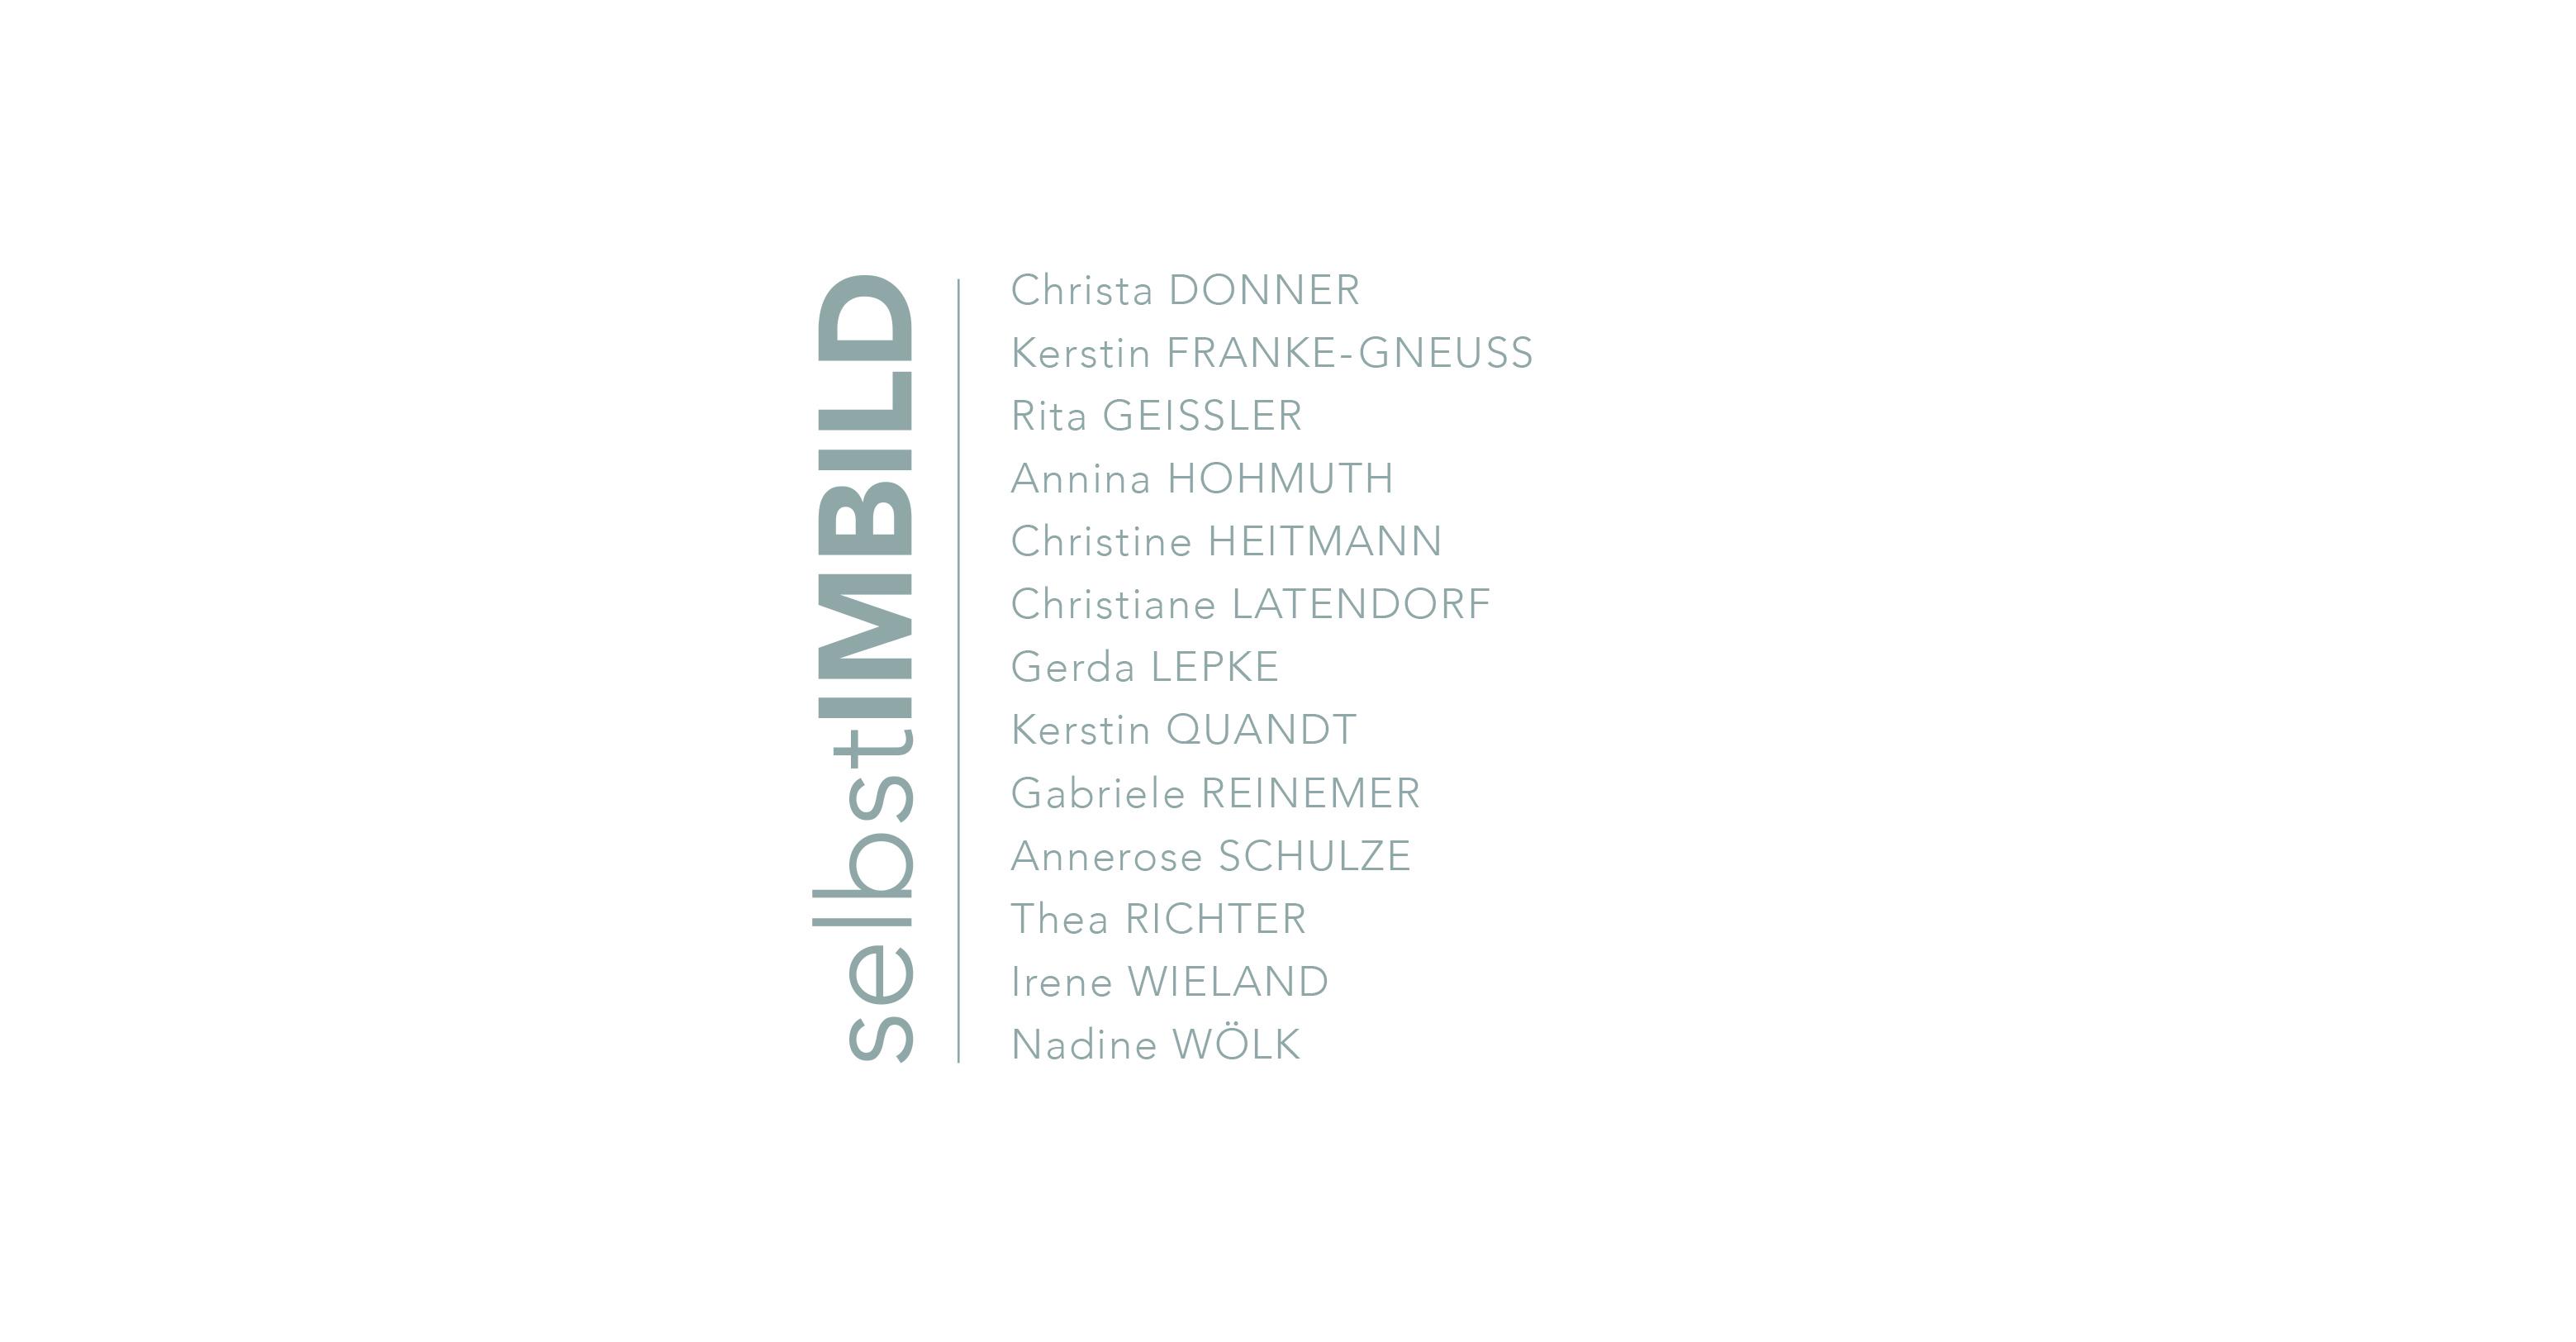 Einladung sebst IMBILD Wien